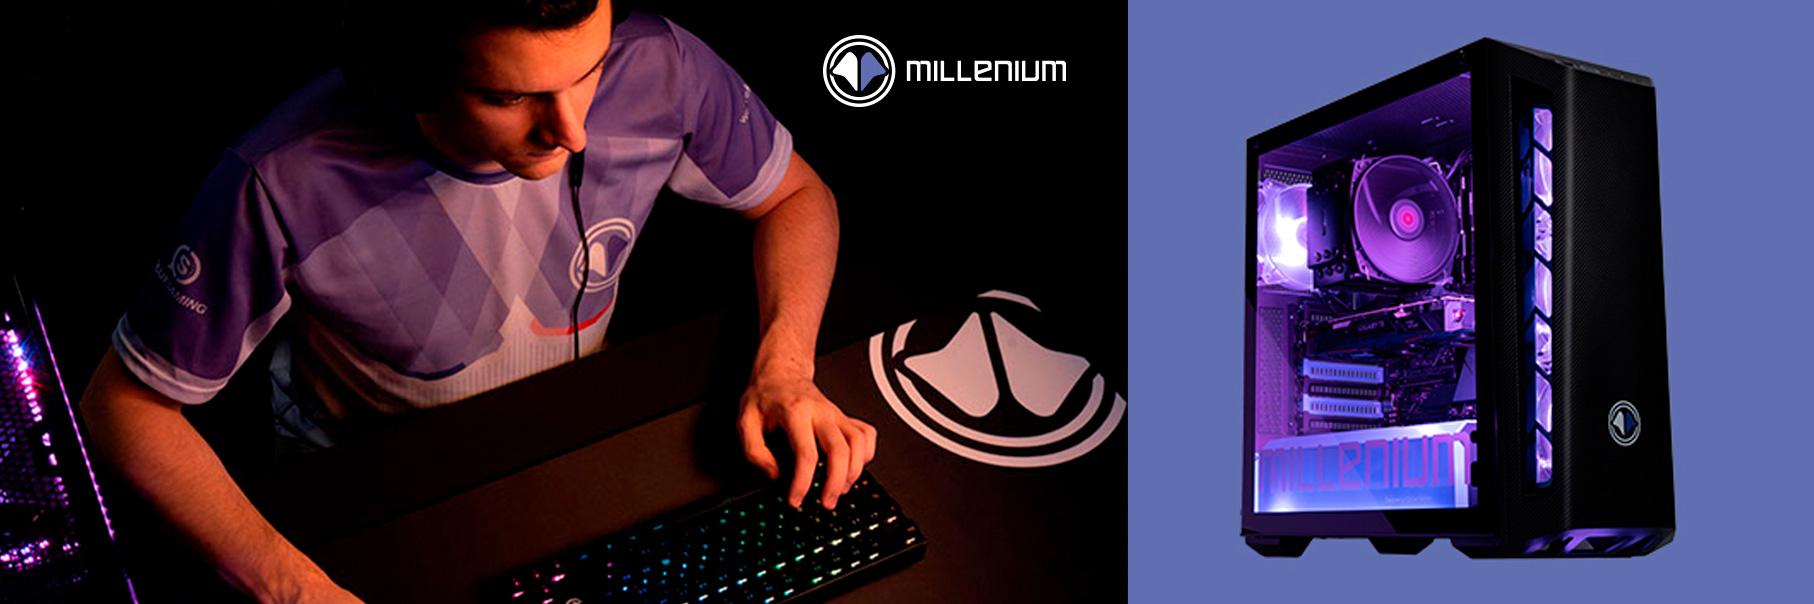 millenium-pc